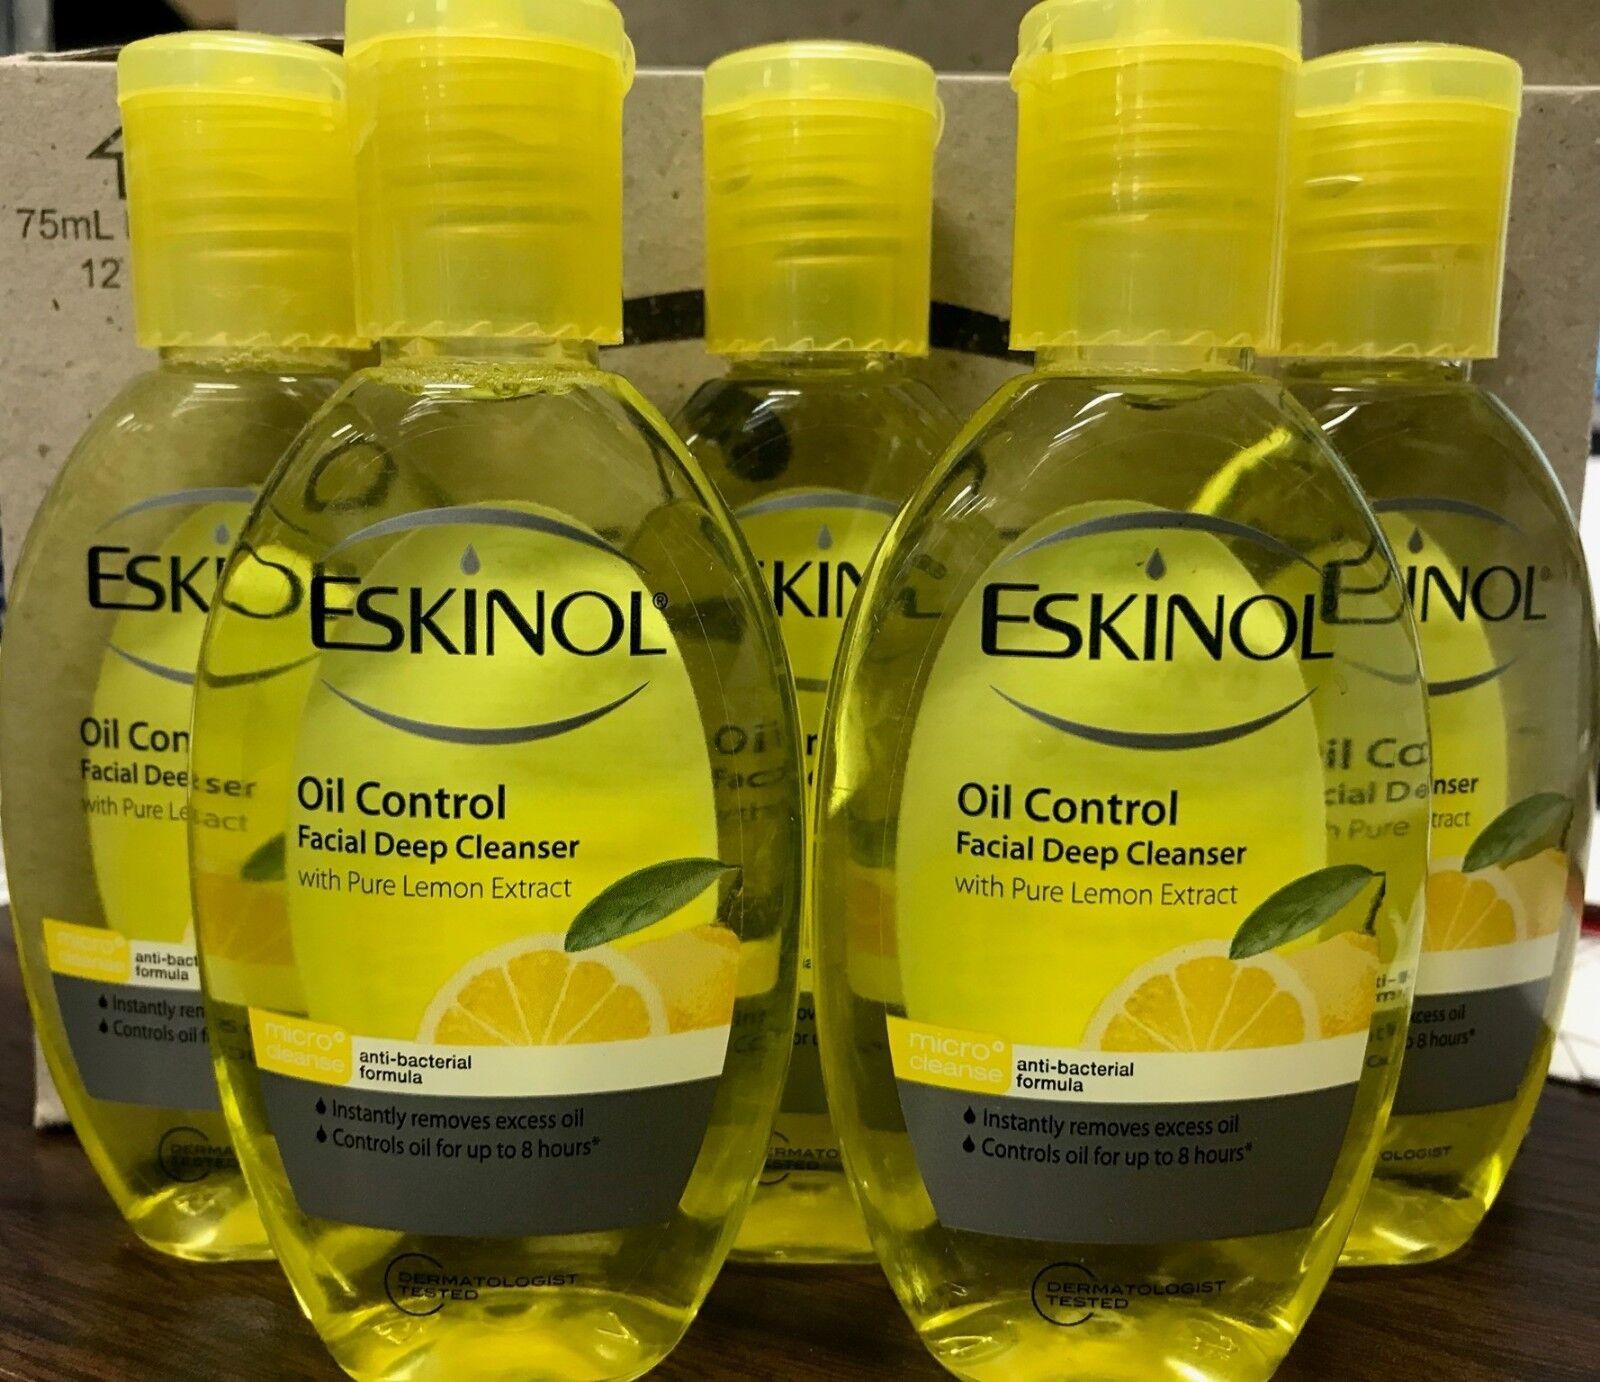 ESKINOL 5-PACK FACIAL DEEP CLEANSER 5 x 75 ML OIL CONTROL LE